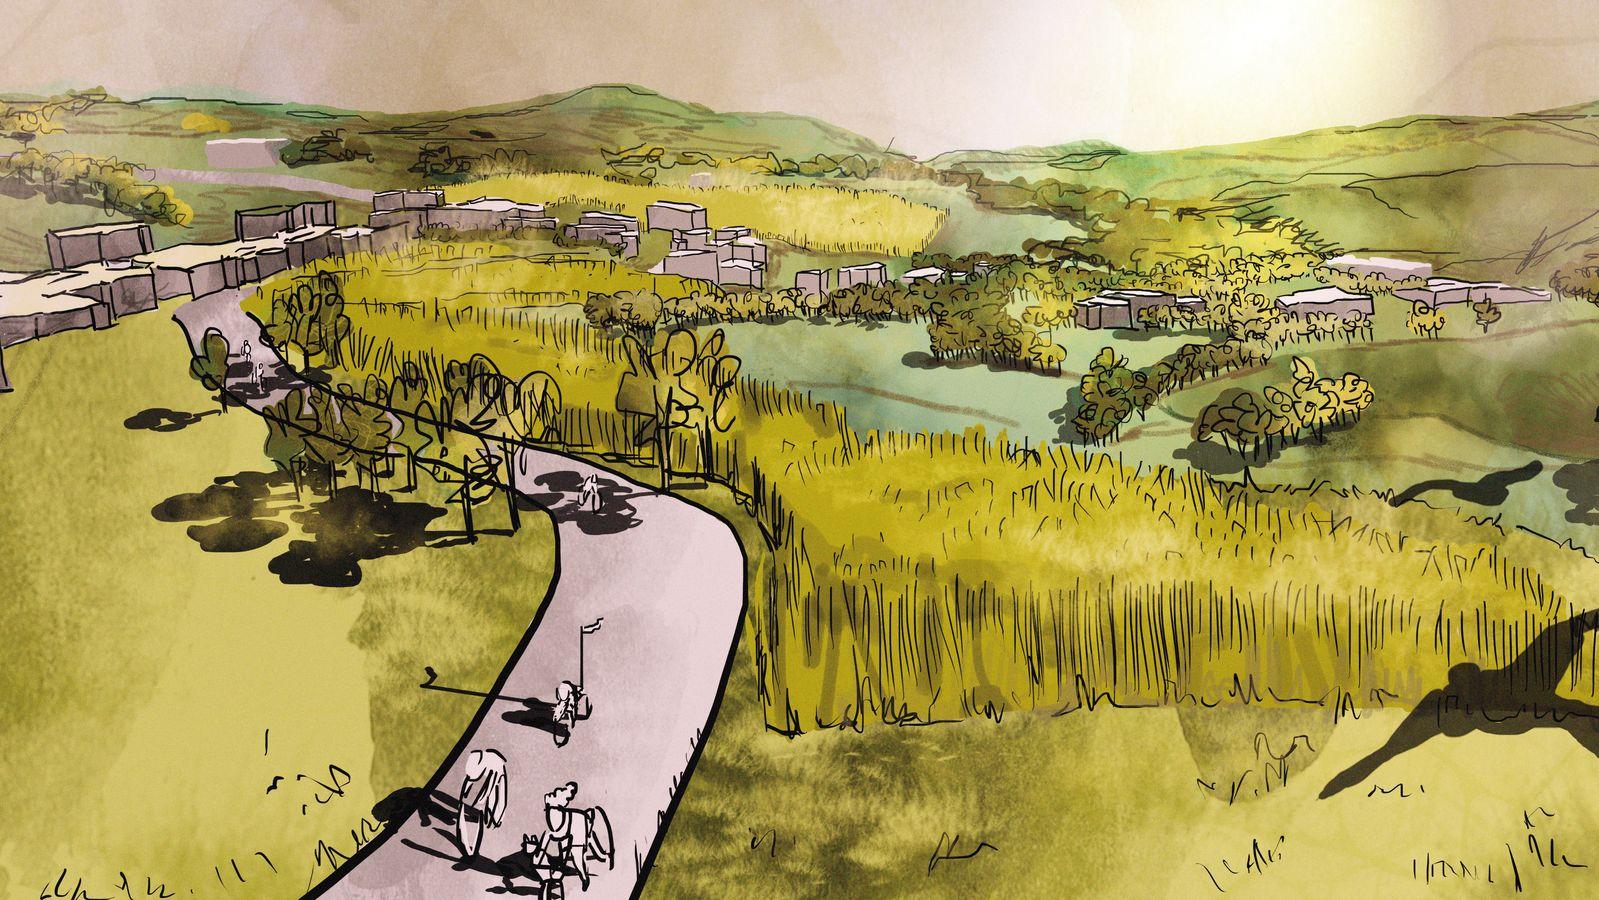 Gezeichnete Landschaft mit Agrarflächen